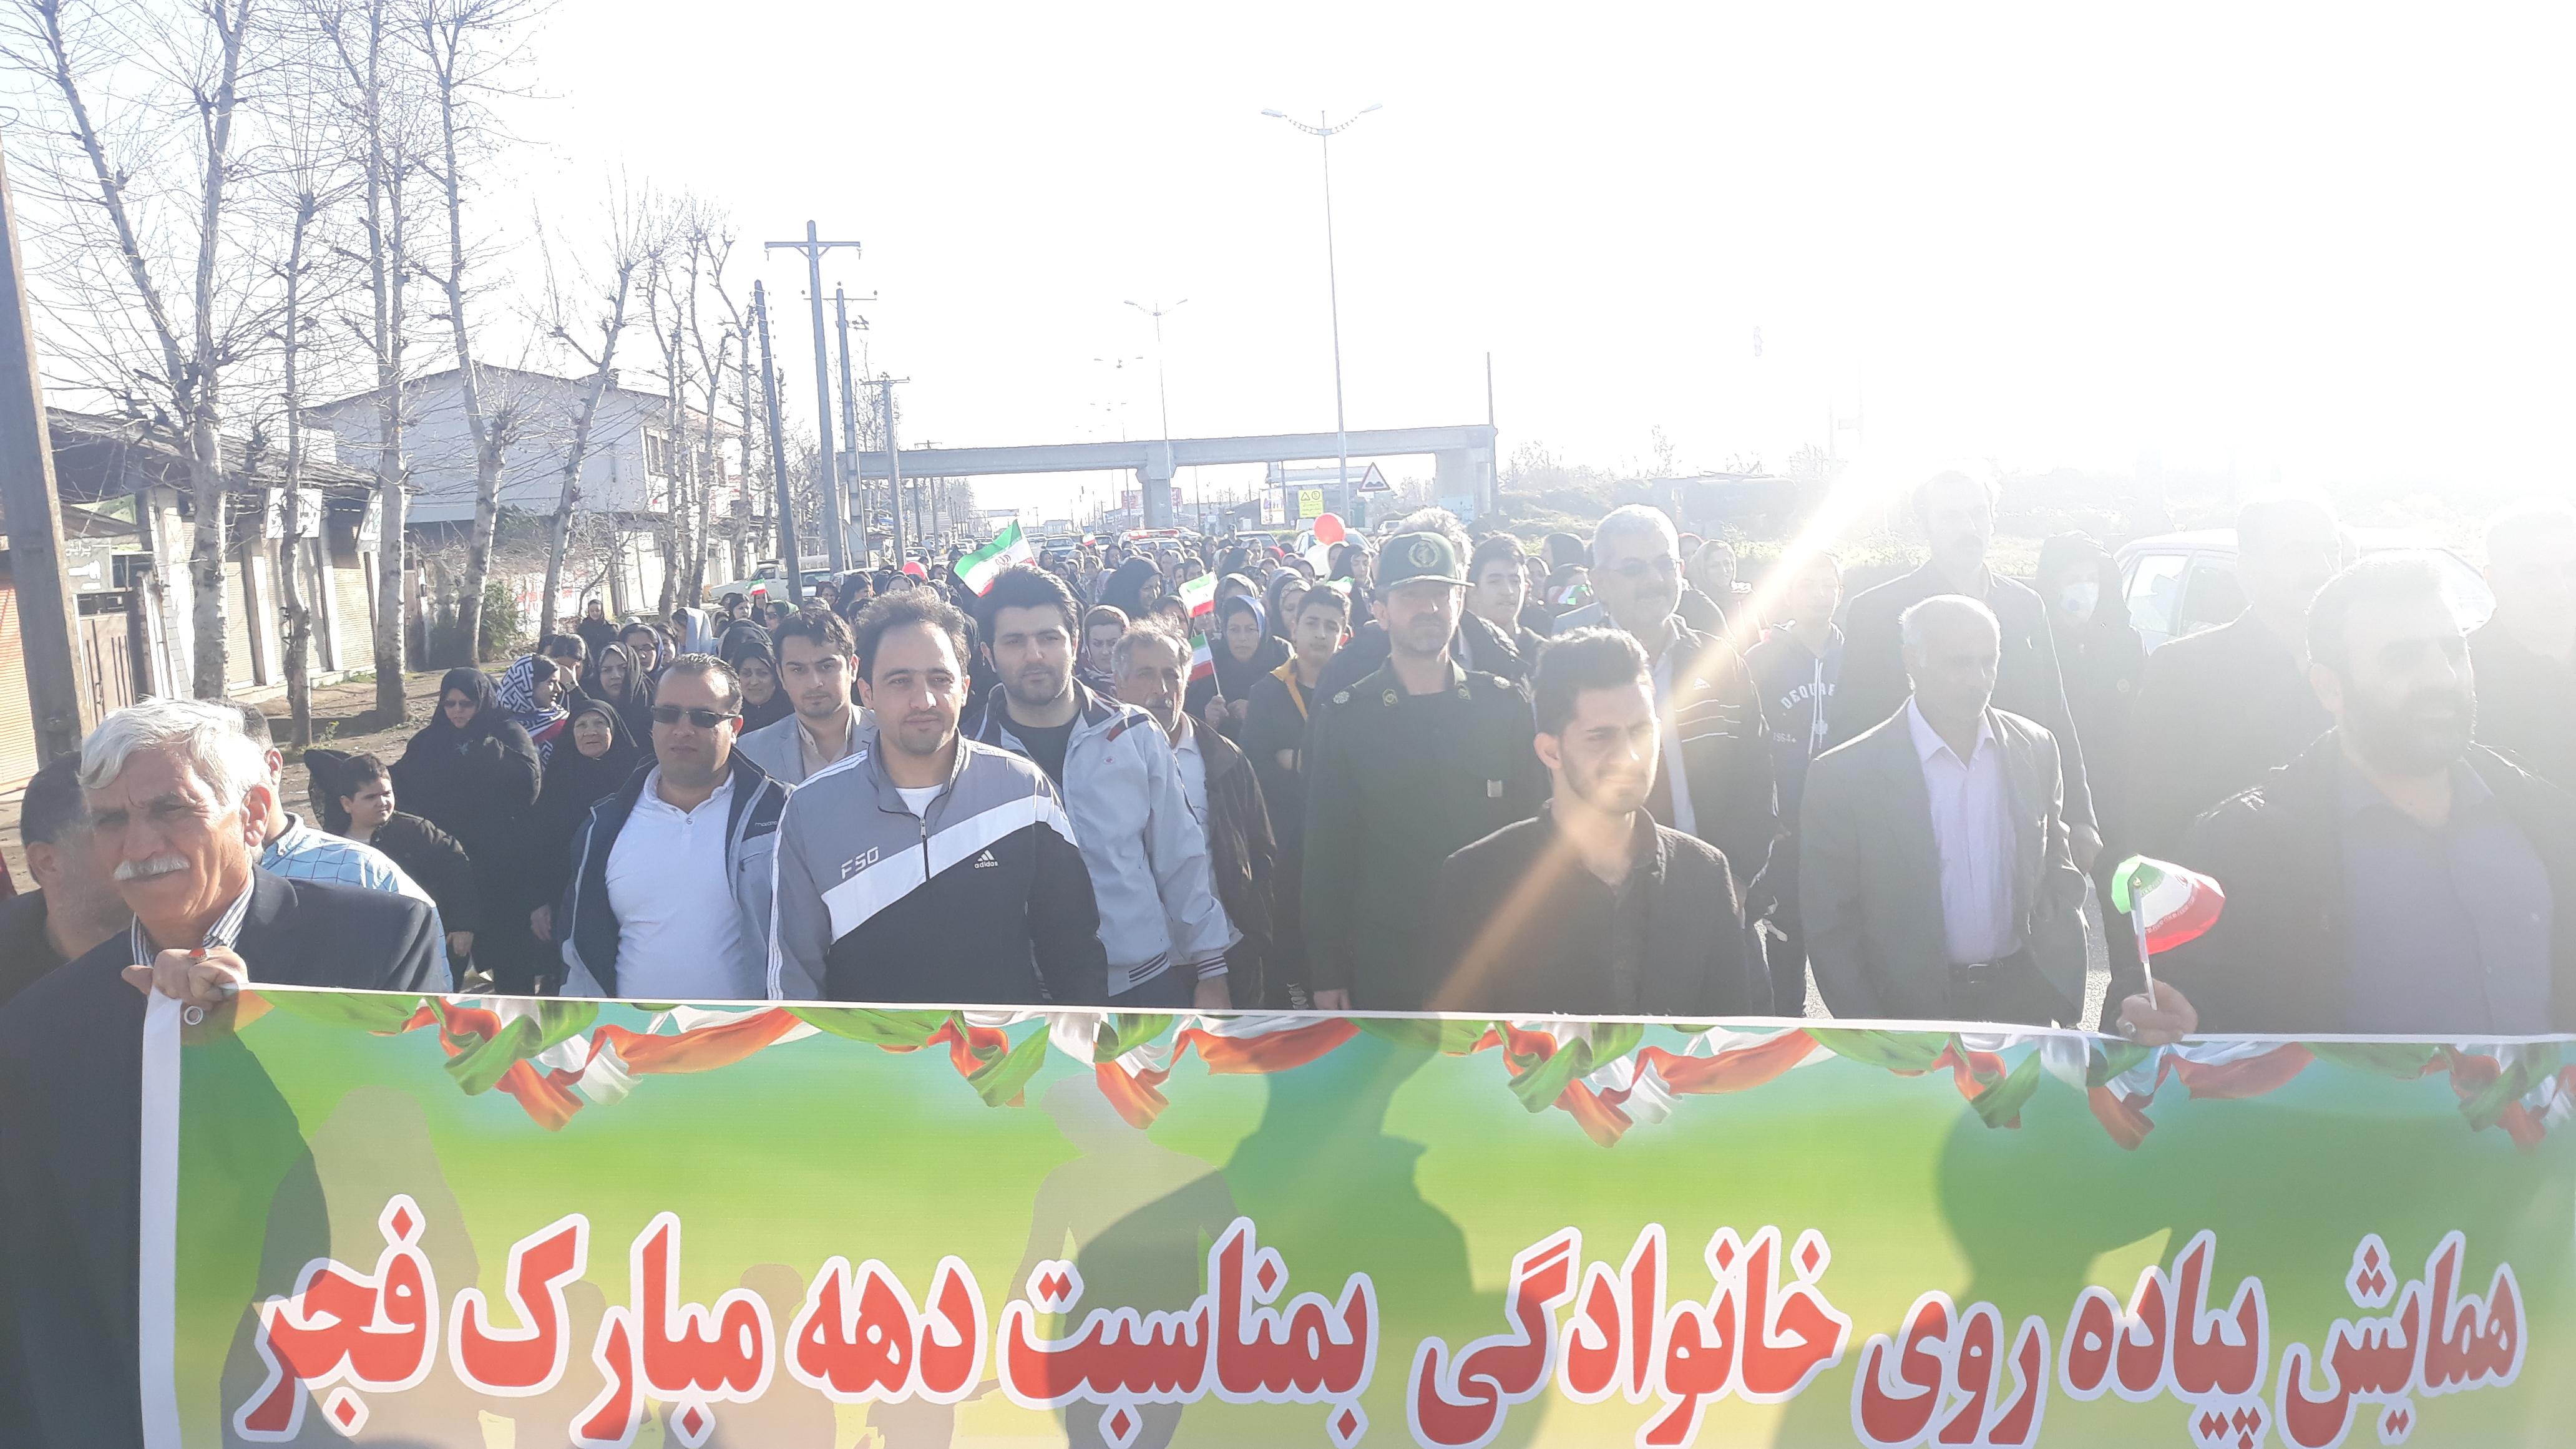 همایش بزرگ پیاده روی خانوادگی به مناسبت دهه مبارک فجر در دهستان ملاسرا برگزار شد